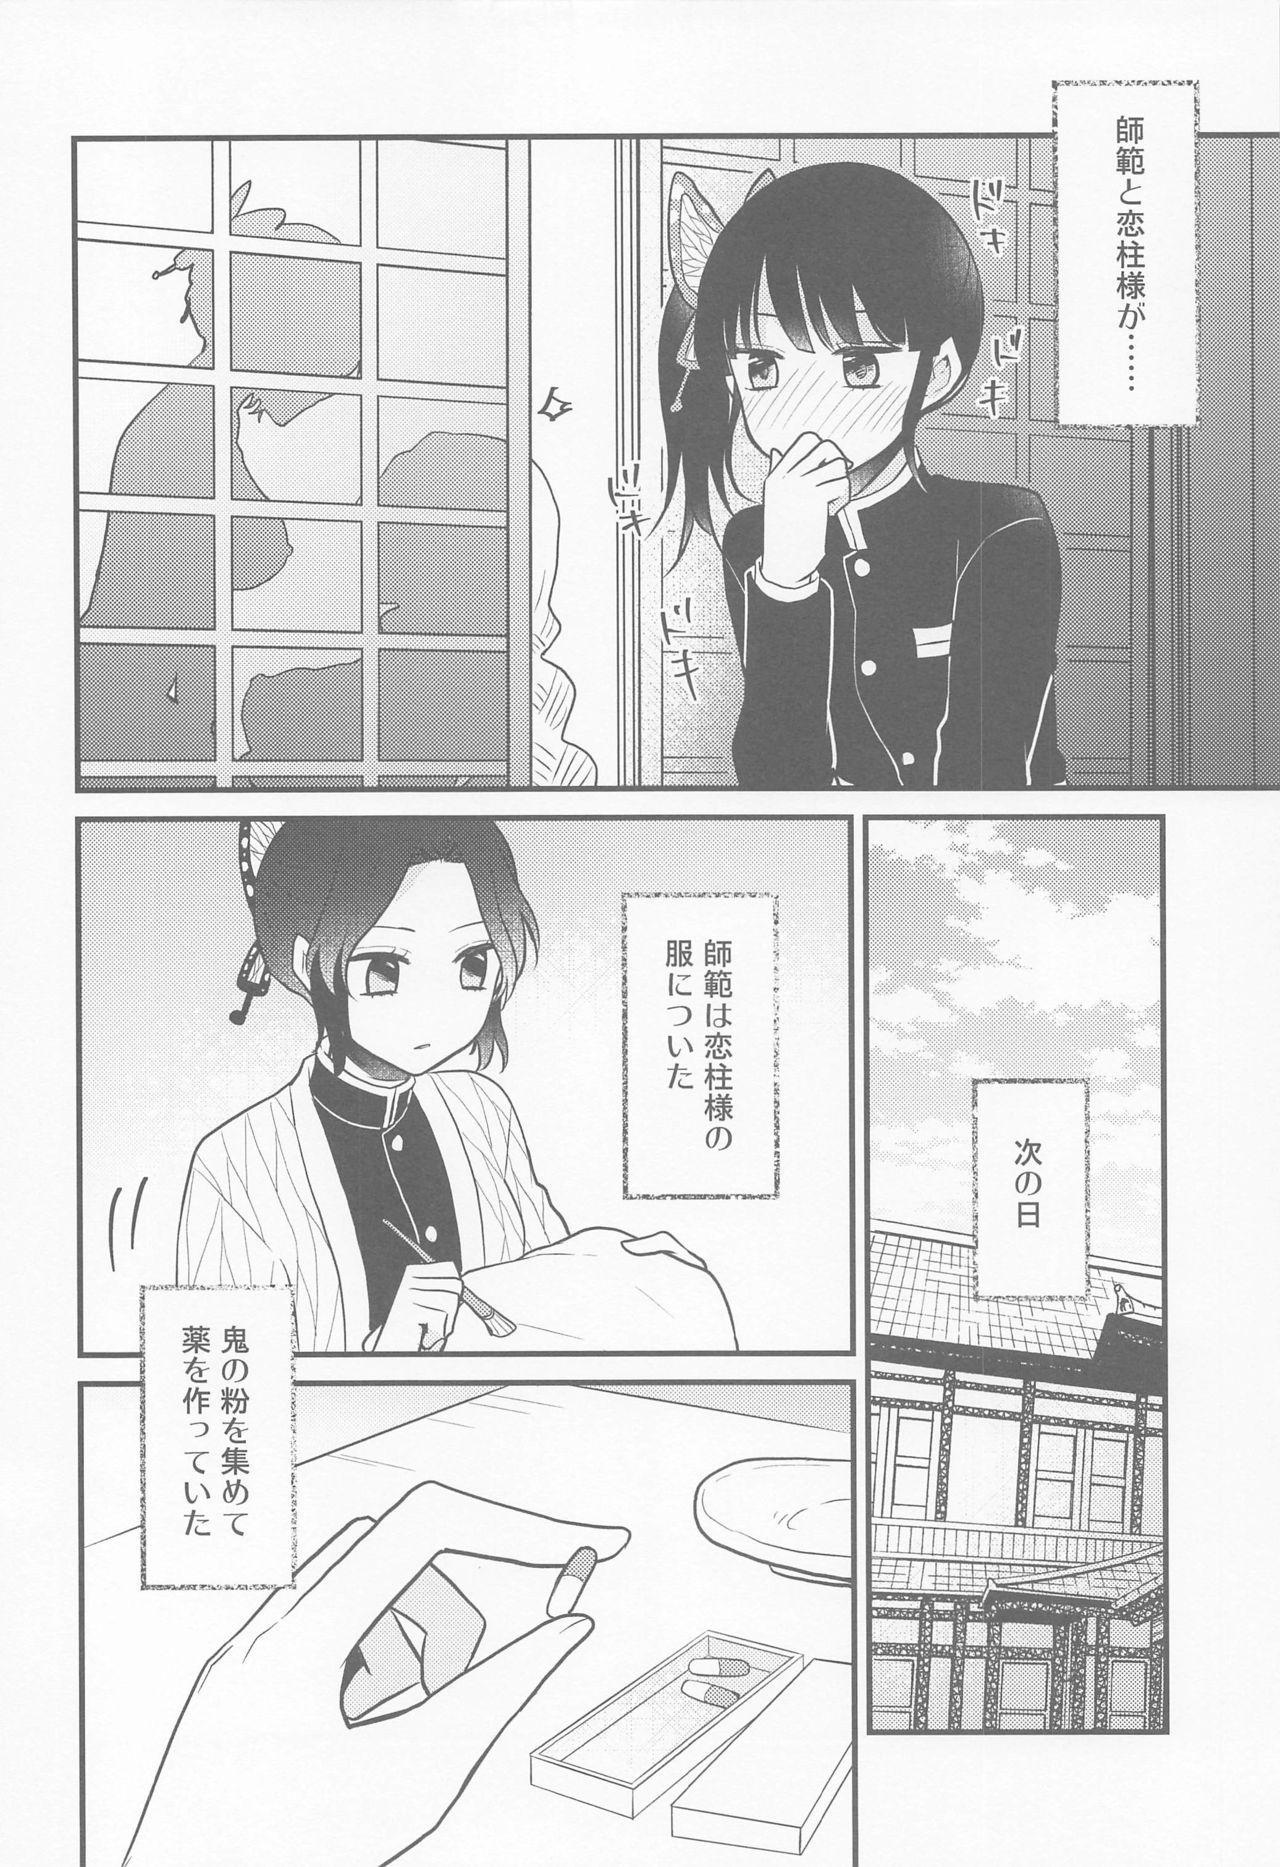 Kanao-chan no Himitsu no Chinji 4